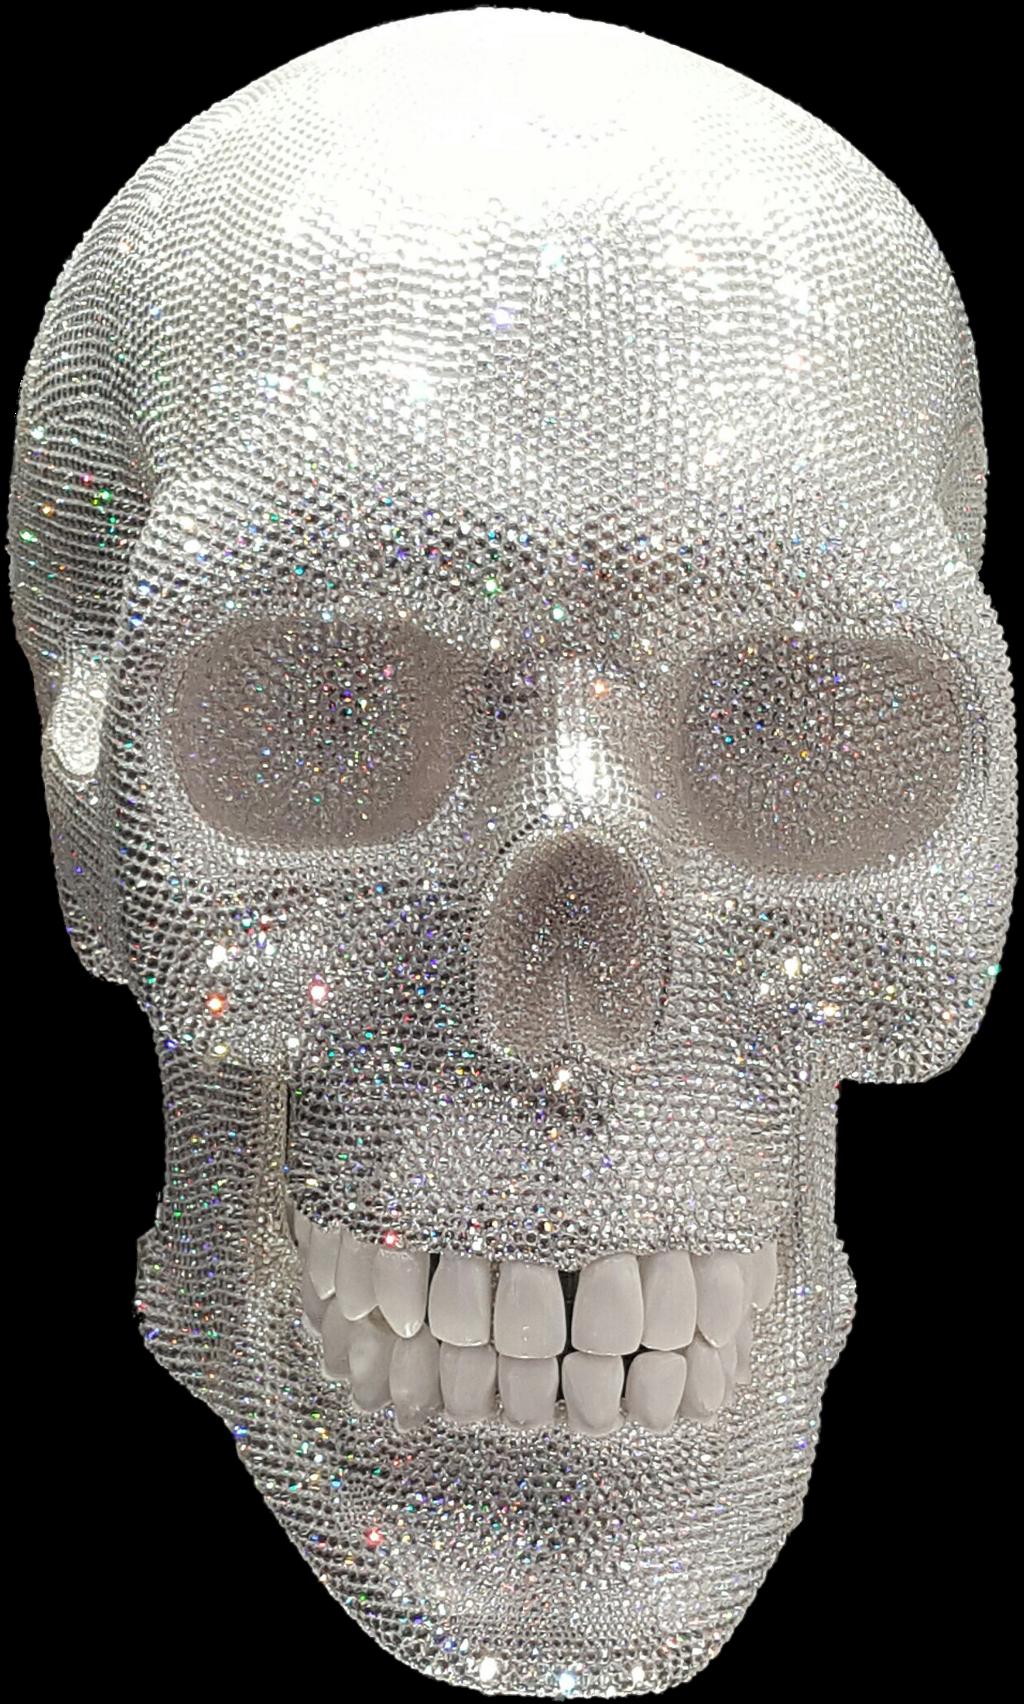 #ftestickers #freestickers #skullstickerremix #dailysticker #skullsticker #skull #glitter #remixit